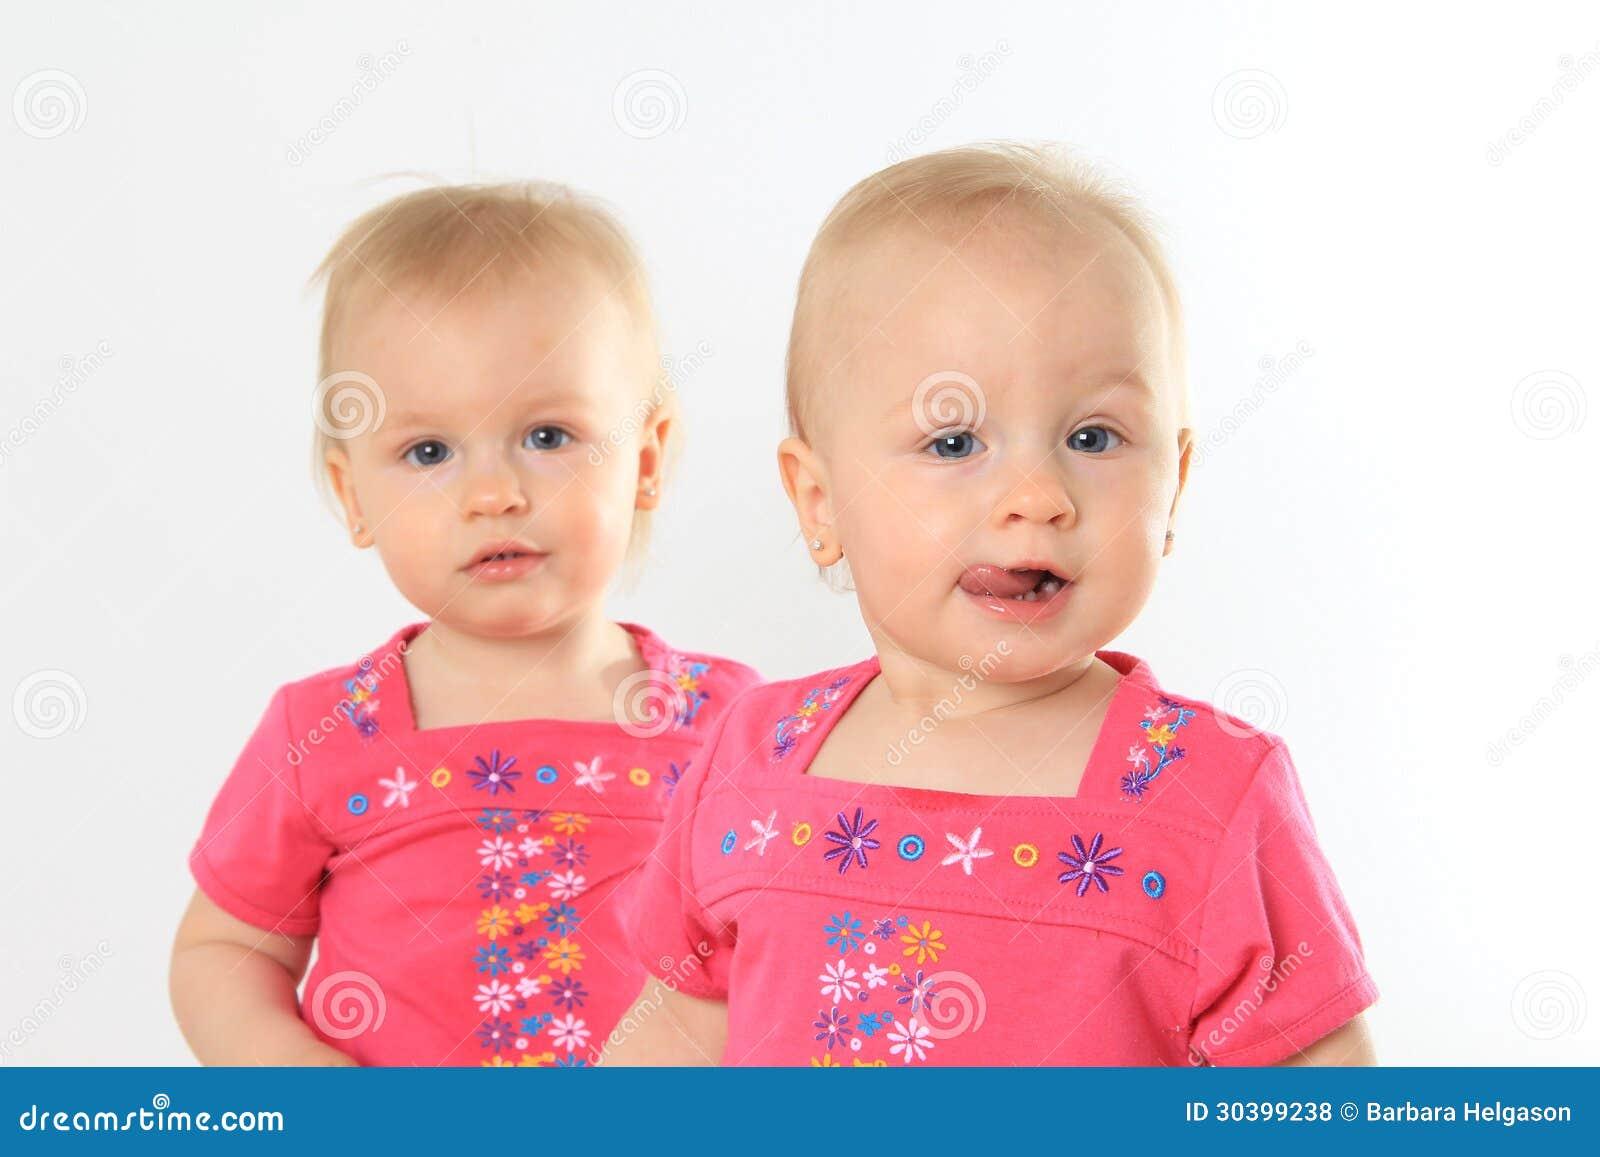 Les Bébés Filles Jumeaux : Bébés jumeaux photo stock image du fille cheveu